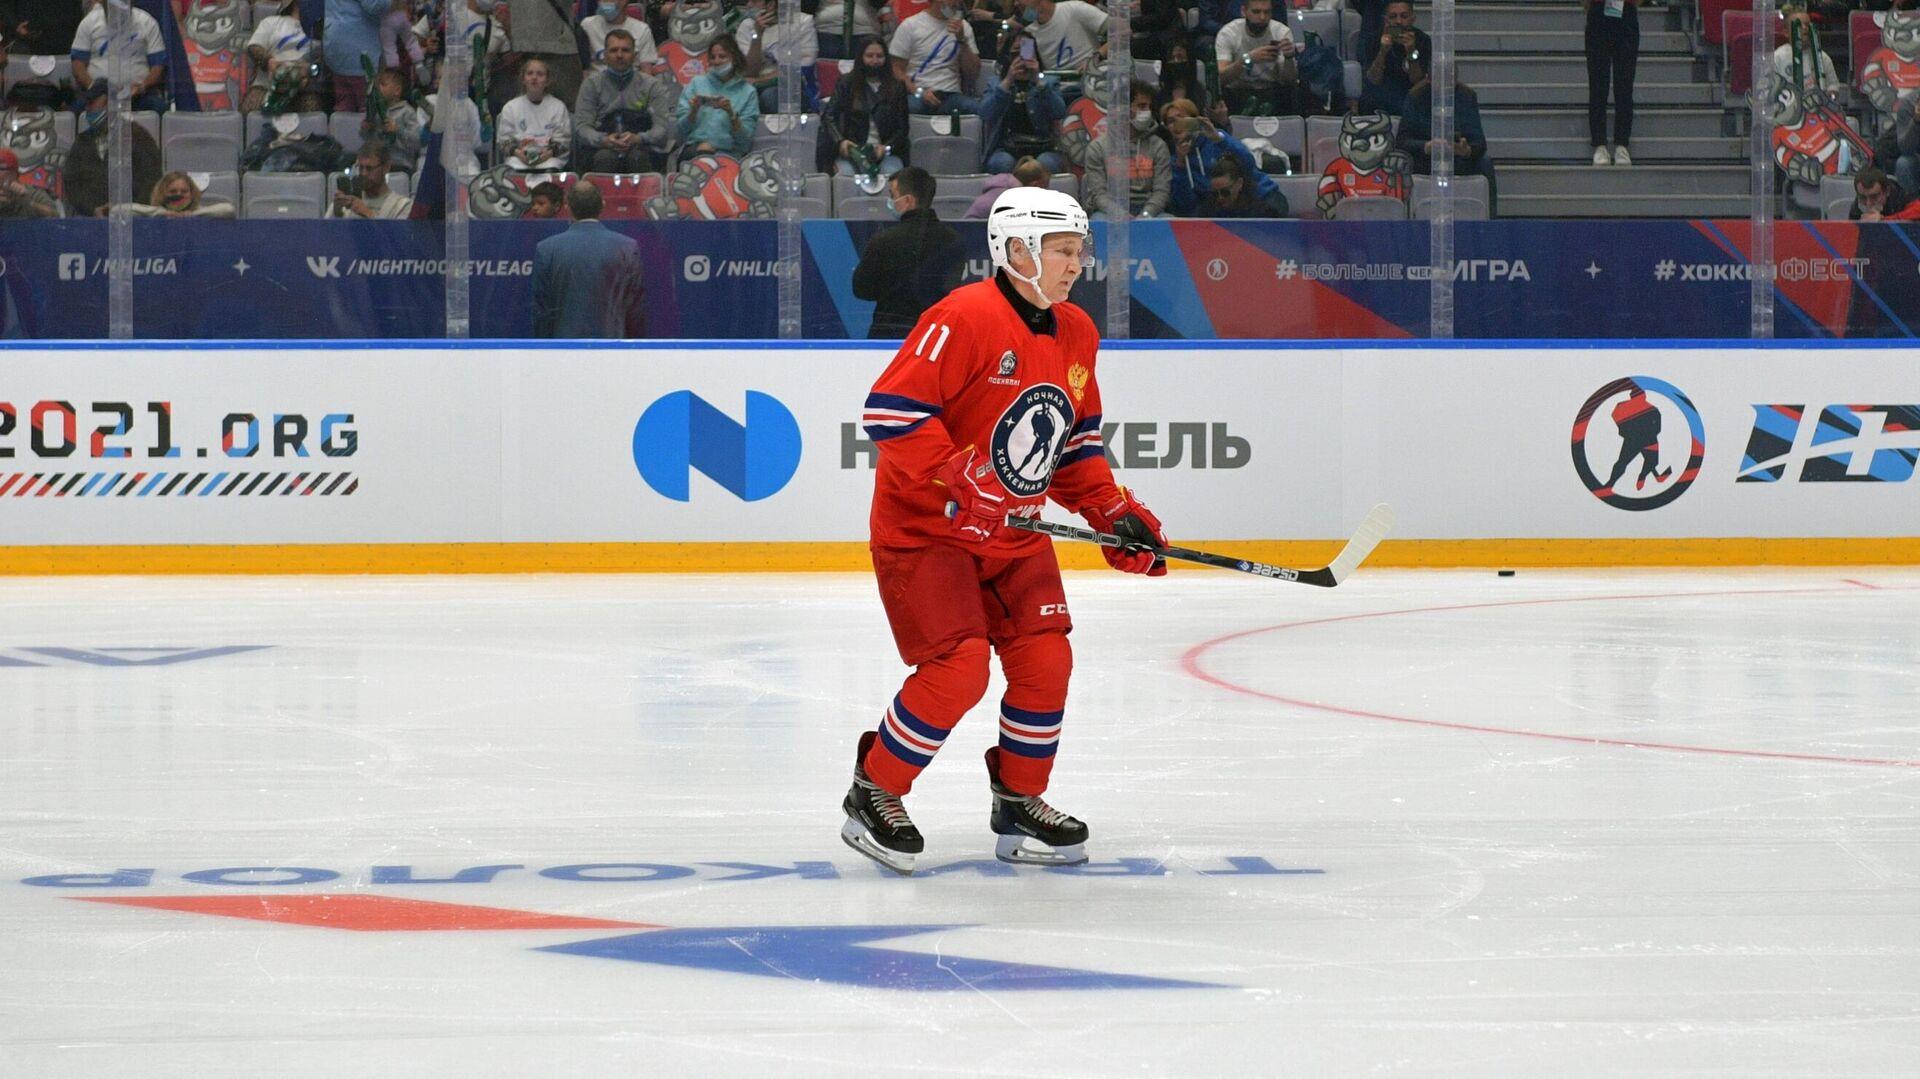 Президент России Владимир Путин в составе команды Легенды хоккея - РИА Новости, 1920, 10.05.2021